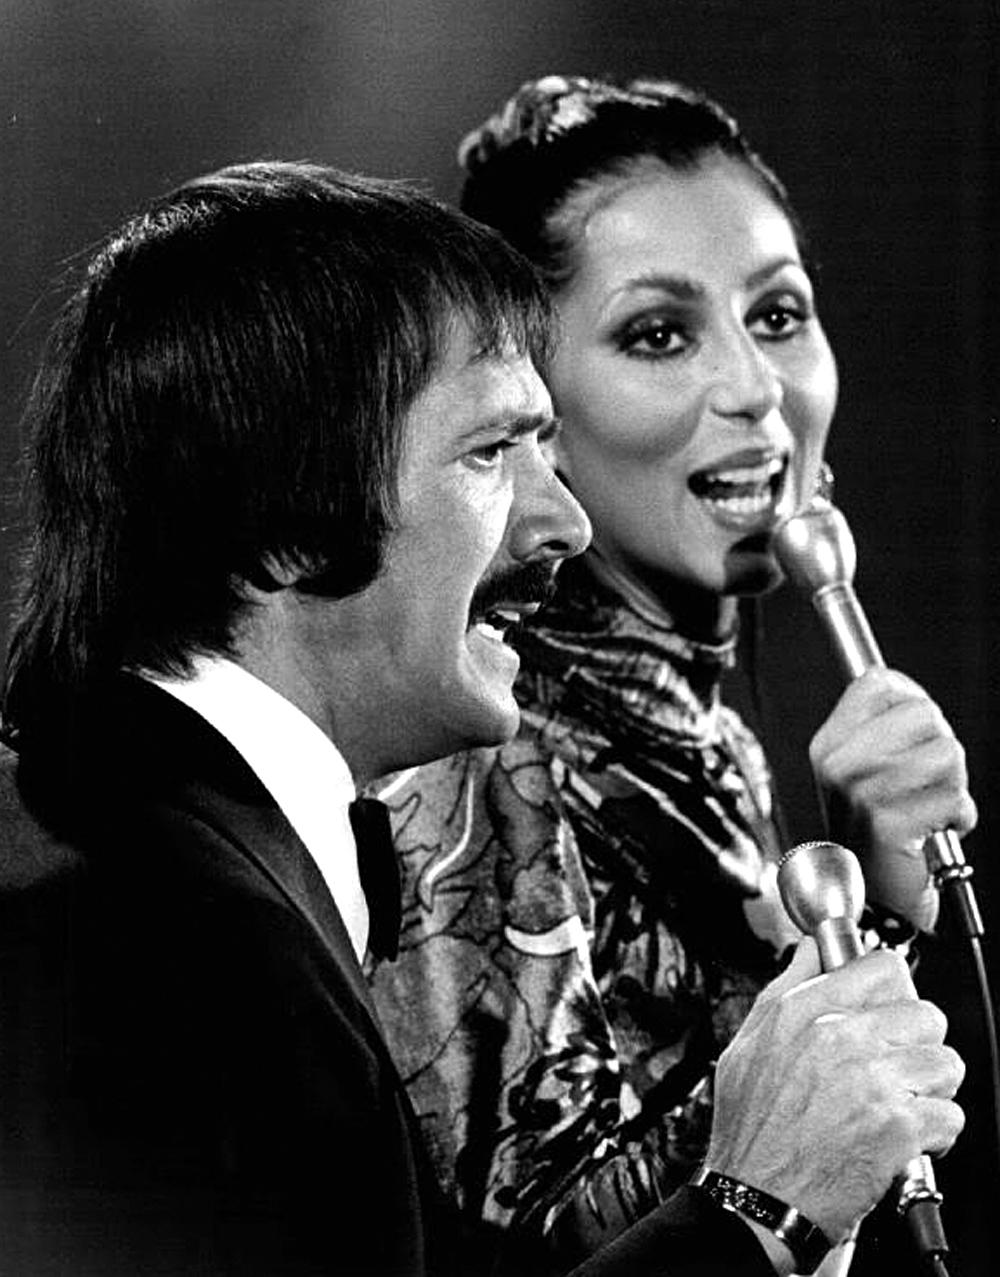 Sonny Cher